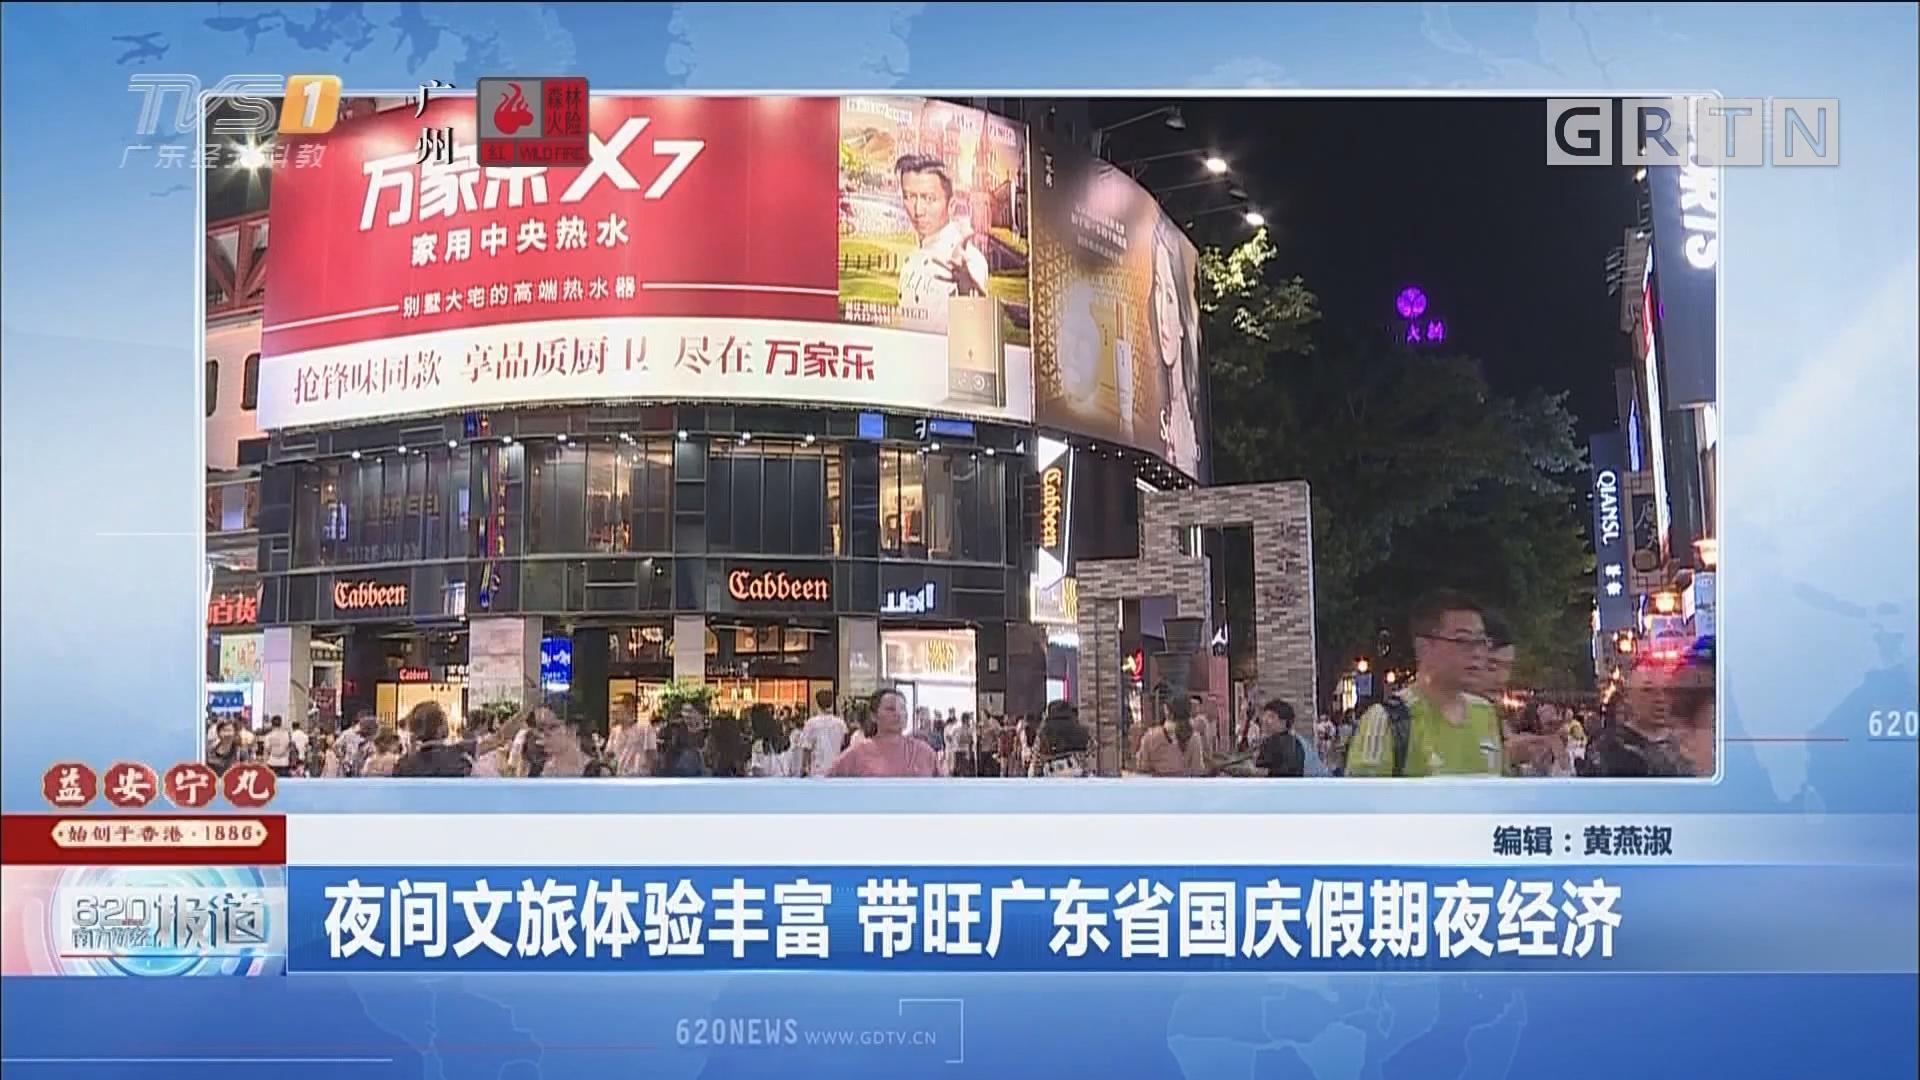 夜间文旅体验丰富 带旺广东省国庆假期夜经济